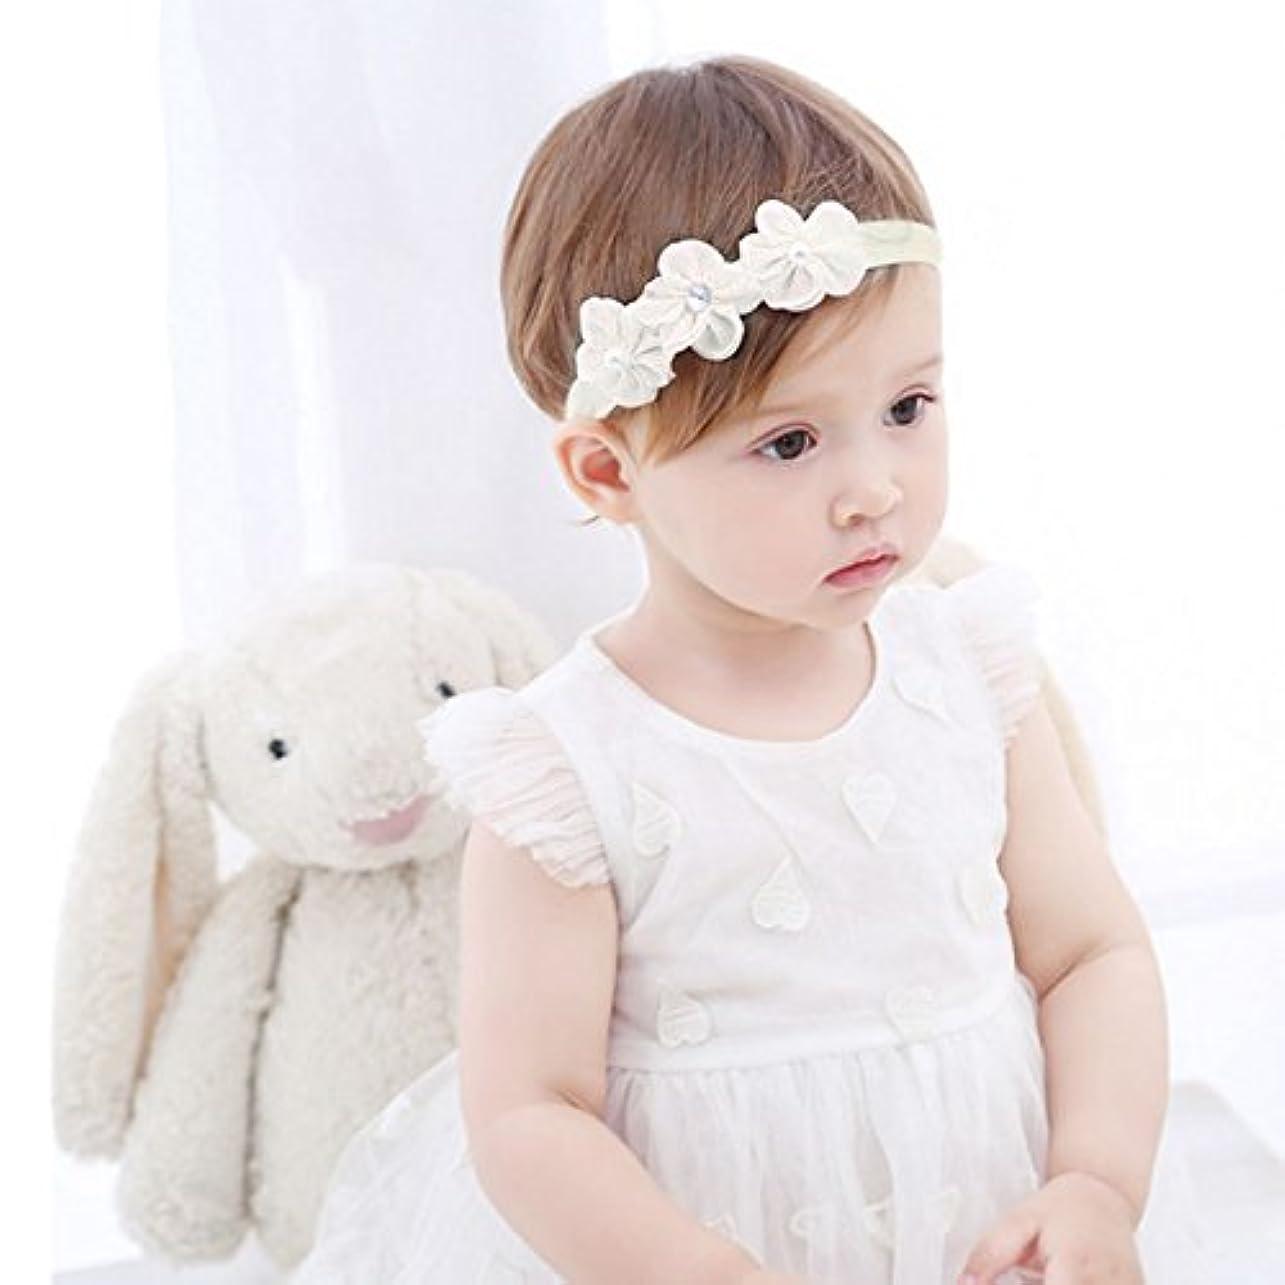 食用記述する施設Refaxi 子供の赤ちゃんかわいい幼児のレースの花のヘアバンドヘッドウェアヘッドバンドアクセサリー